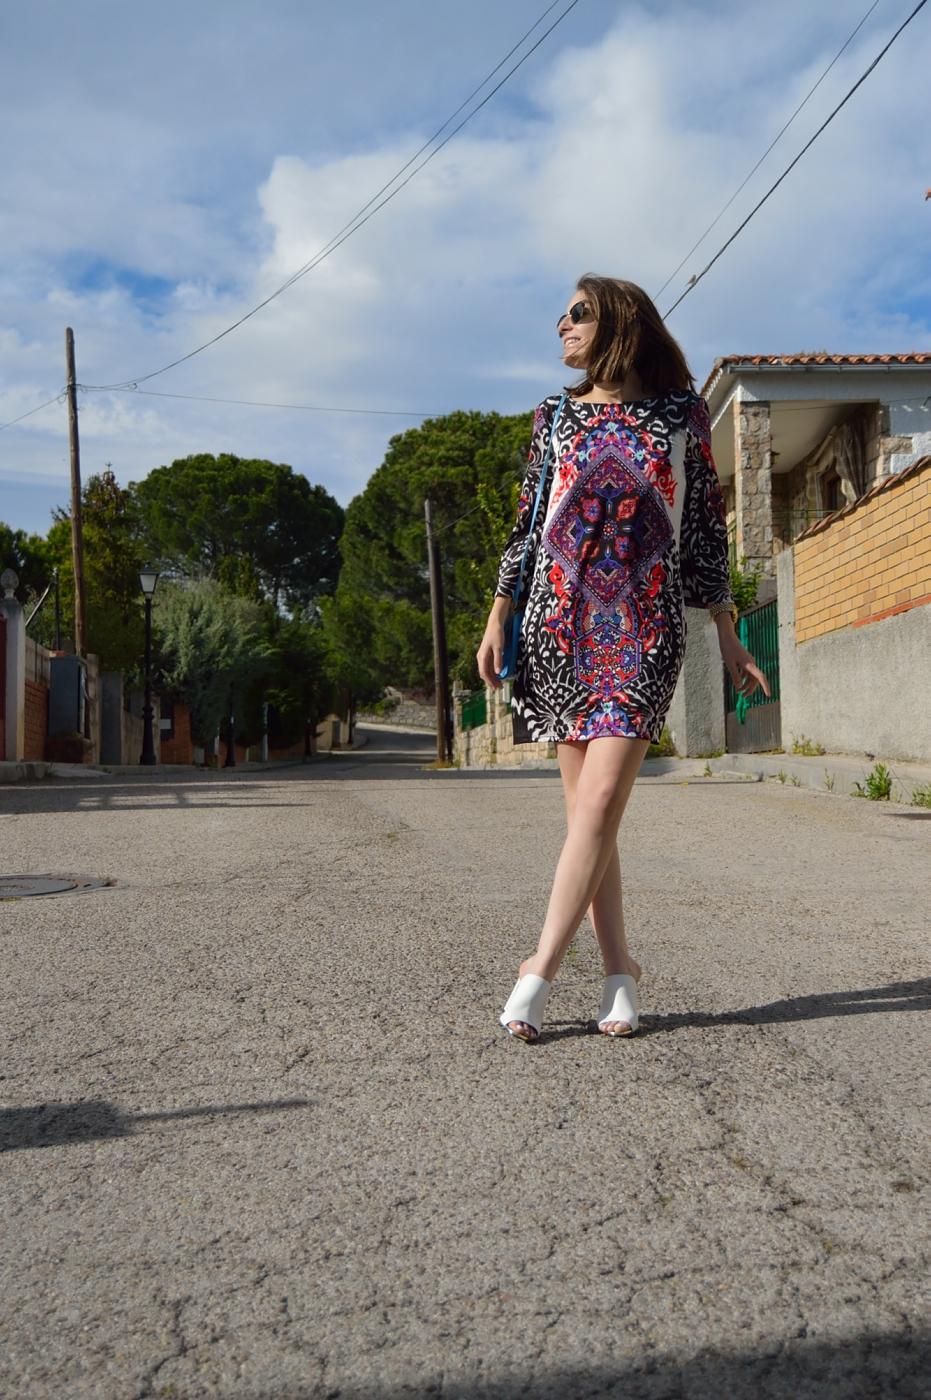 lara-vazquez-madlula-style-look-fashion-blog-girl-wearing-a-dress